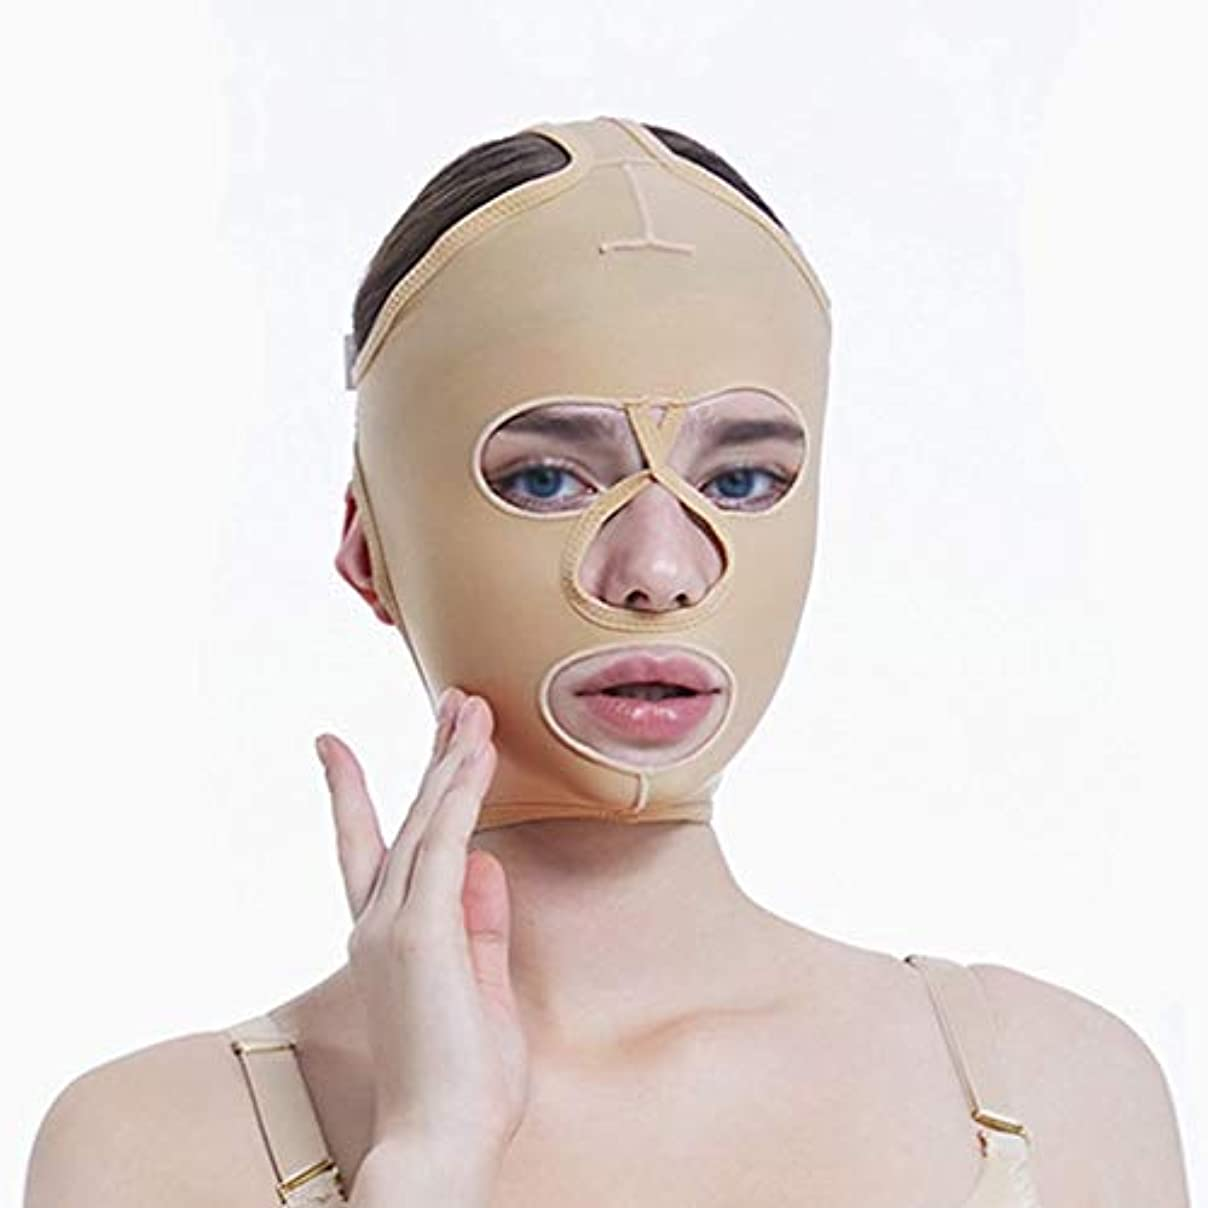 体系的にあらゆる種類の本体チンリフティングベルト、超薄型ベルト、引き締めマスク、包帯吊り、フェイスリフティングマスク、超薄型ベルト、通気性(サイズ:L),S